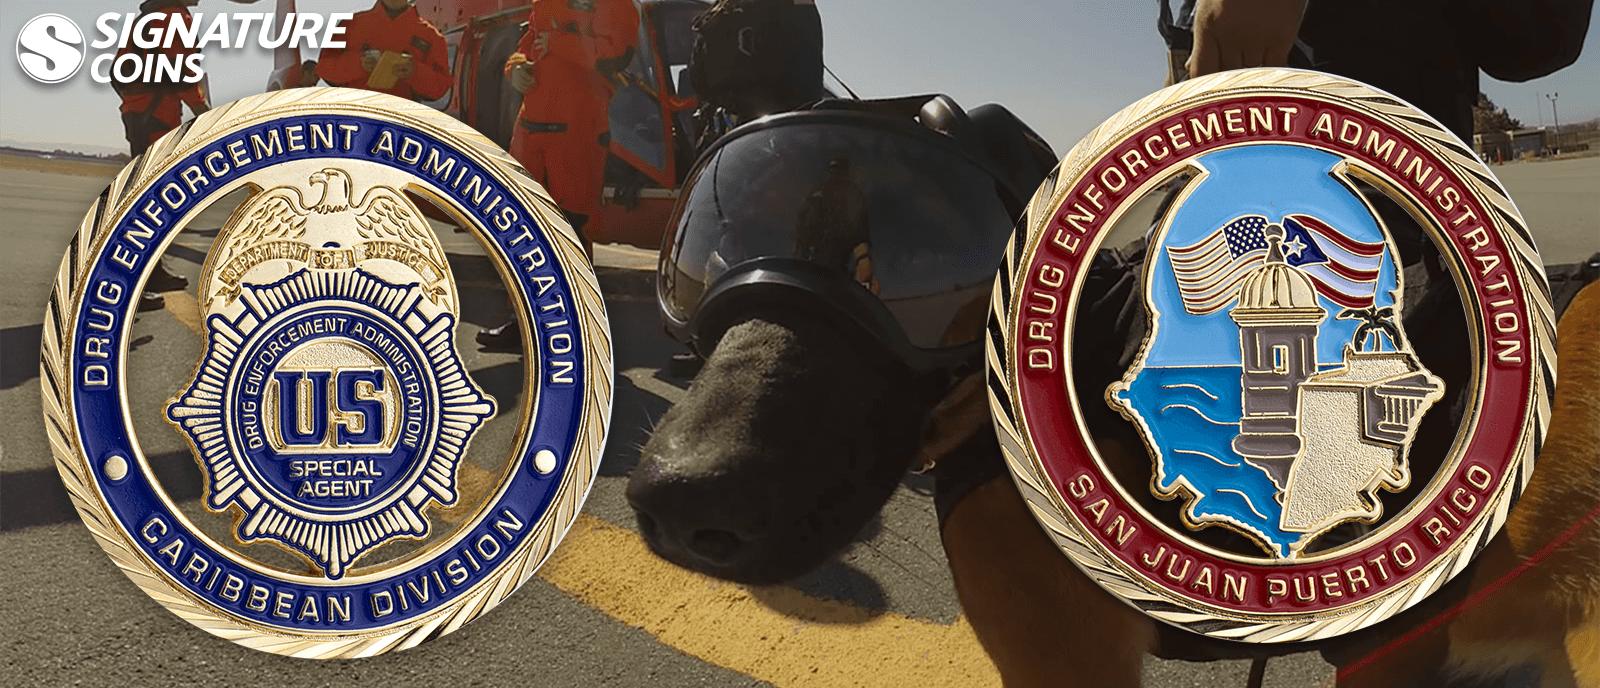 SignatureCoins-Law-Enforcement-DEA-coin